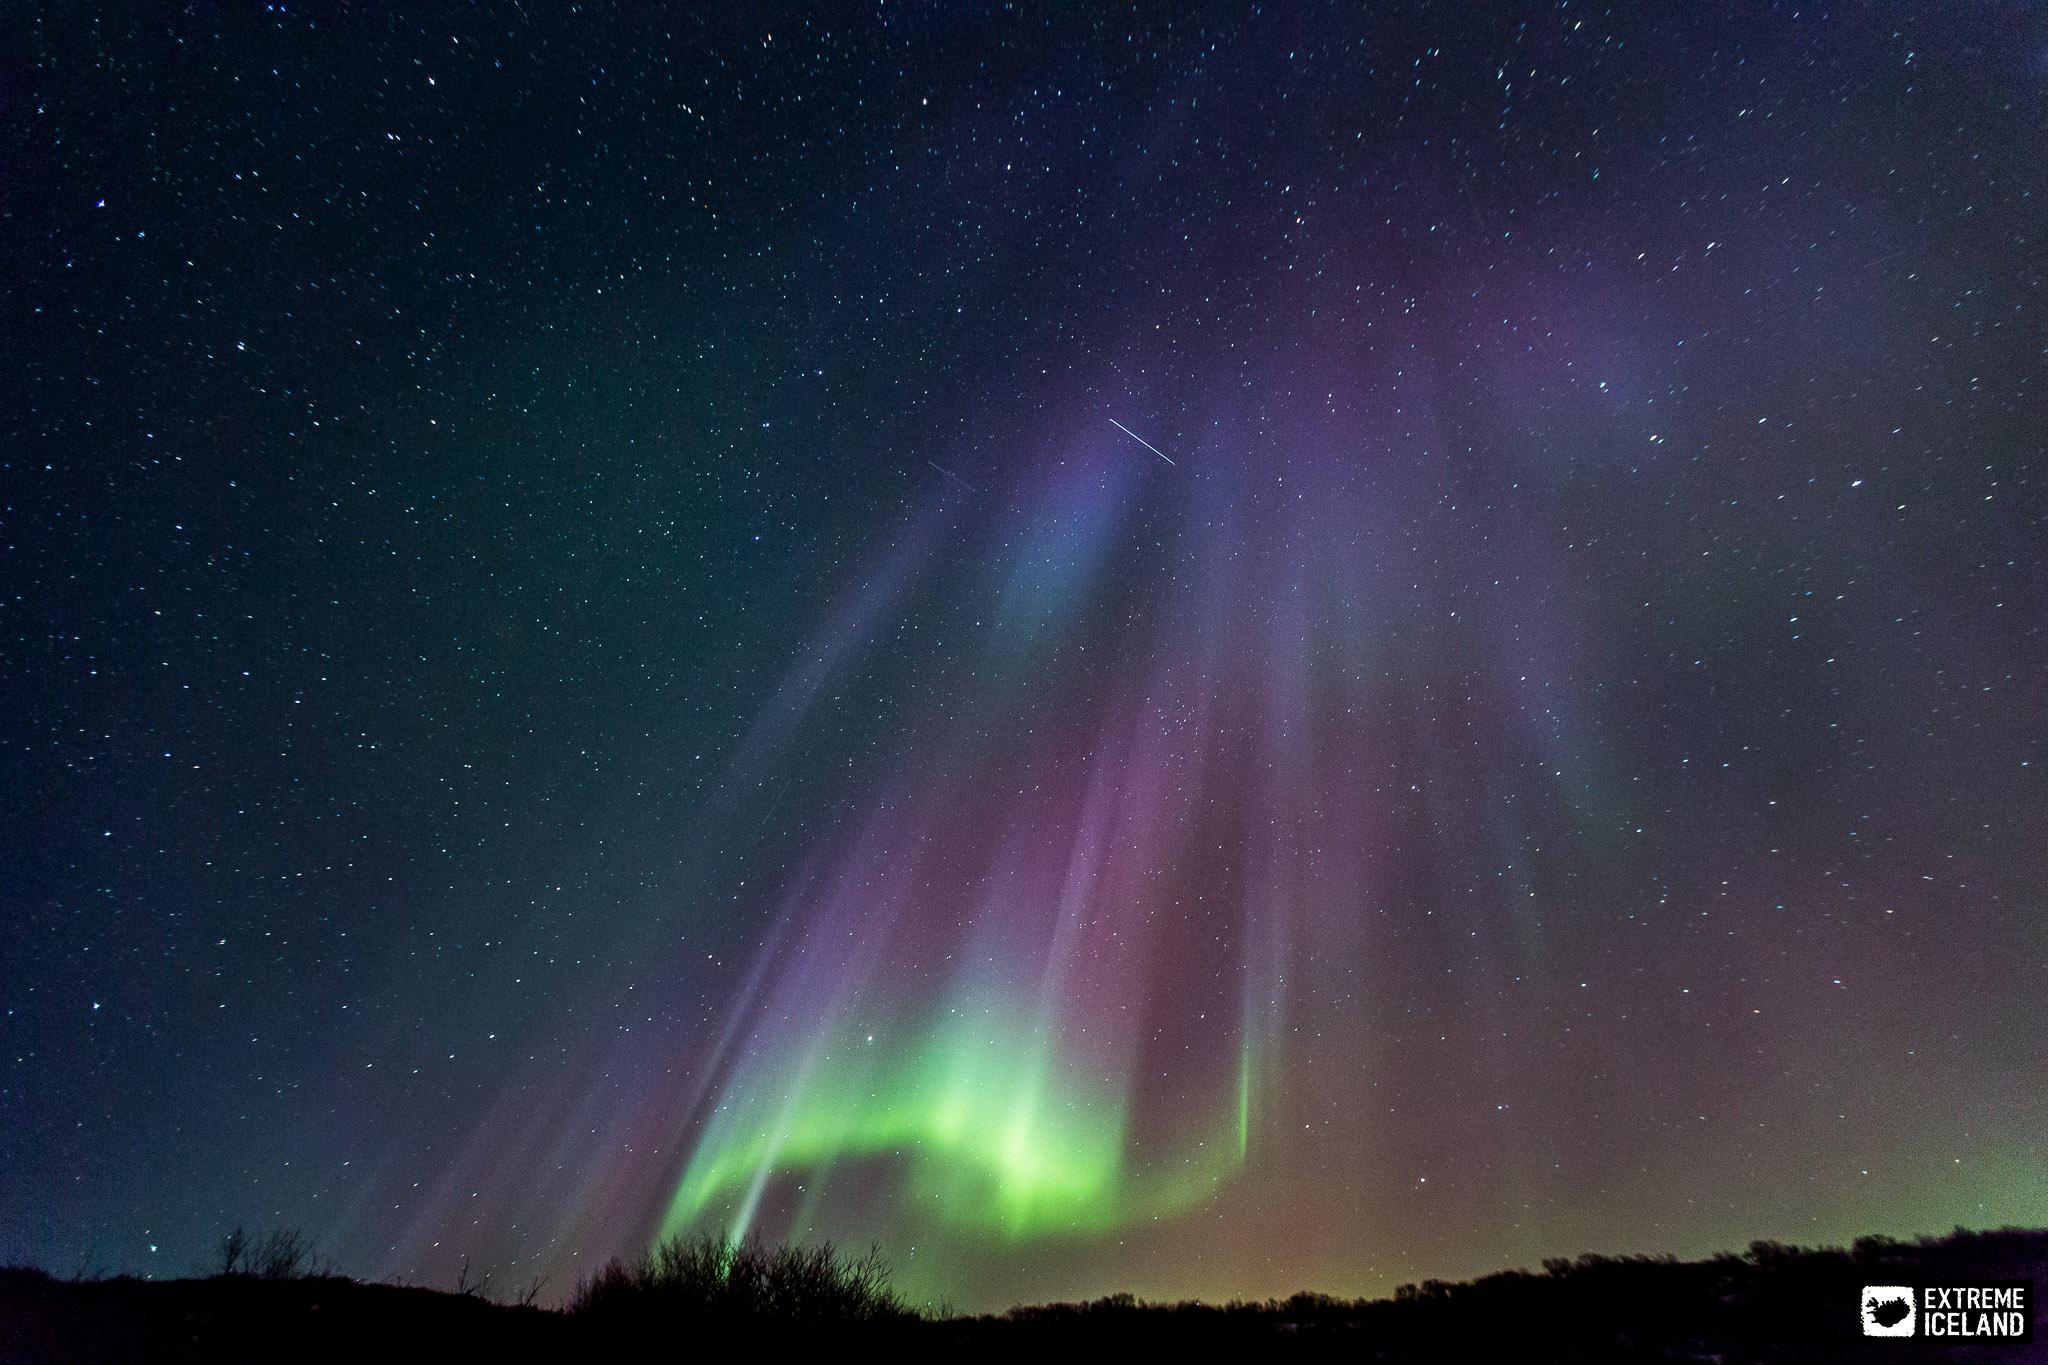 极光奇妙夜 | 冰岛极光团 | 极光寻觅之旅 | 雷克雅未克出发的极光团